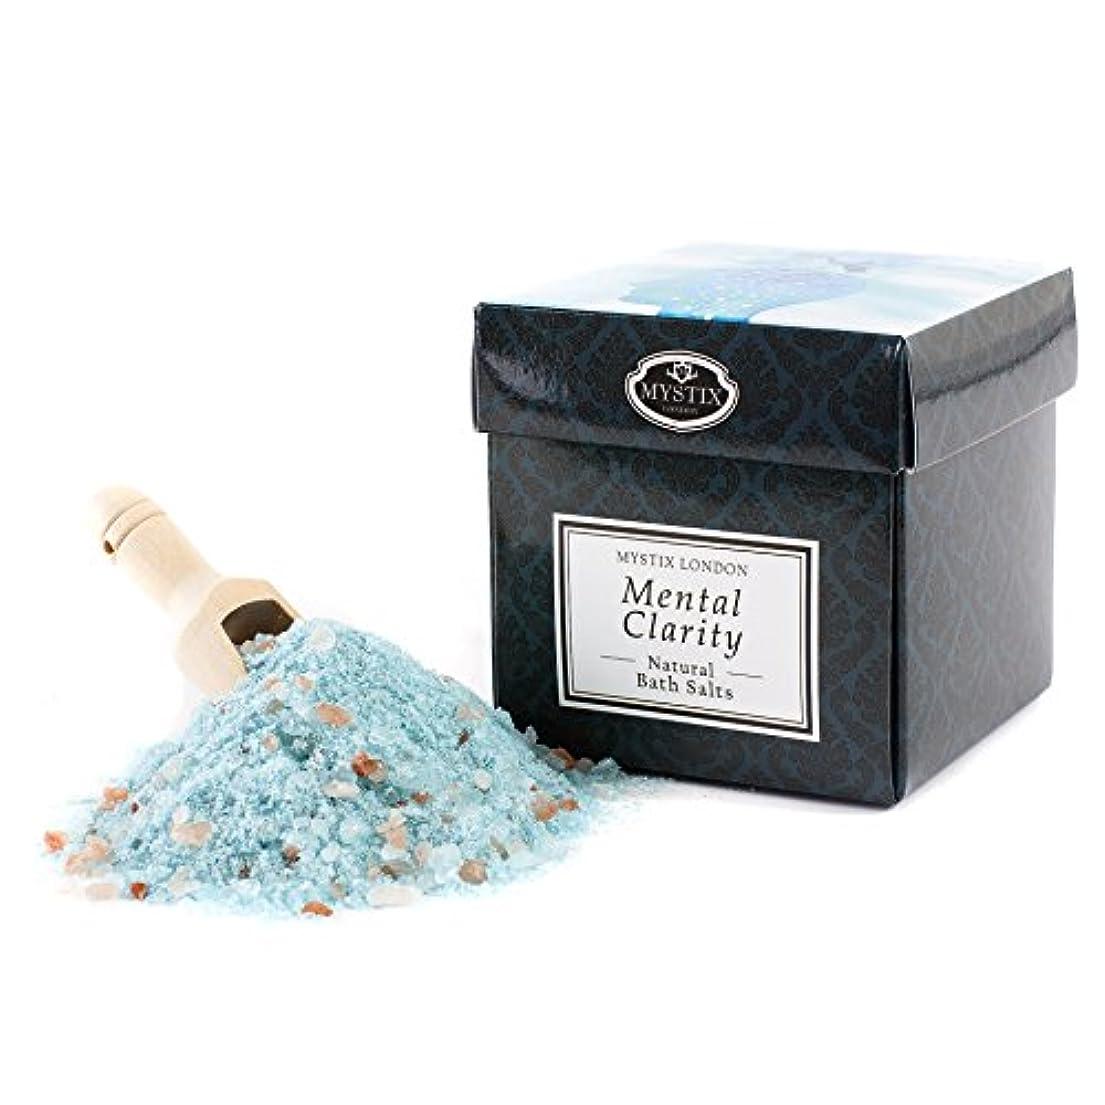 Mystix London | Mental Clarity Bath Salt - 350g